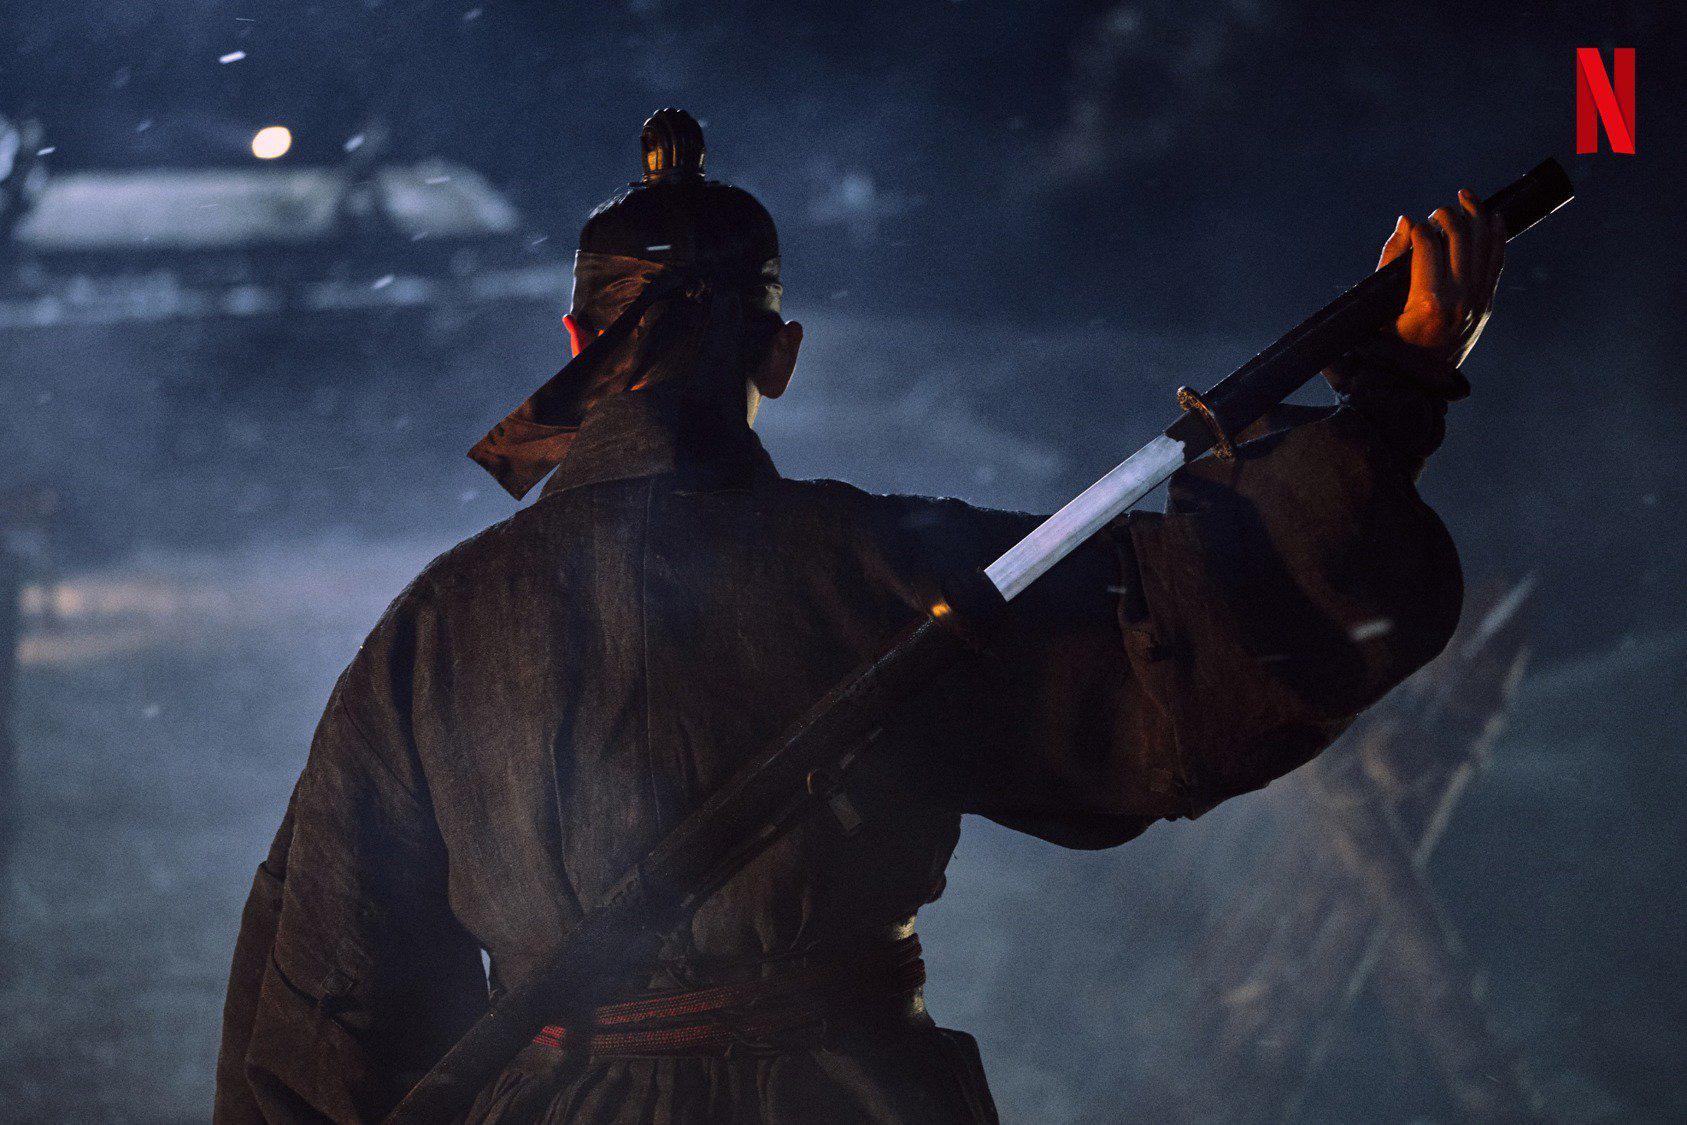 Kingdom 2 tung teaser nghẹt thở: Thái tử Lee Chang bị tập kích bởi đoàn zombie đông như kiến - Ảnh 5.